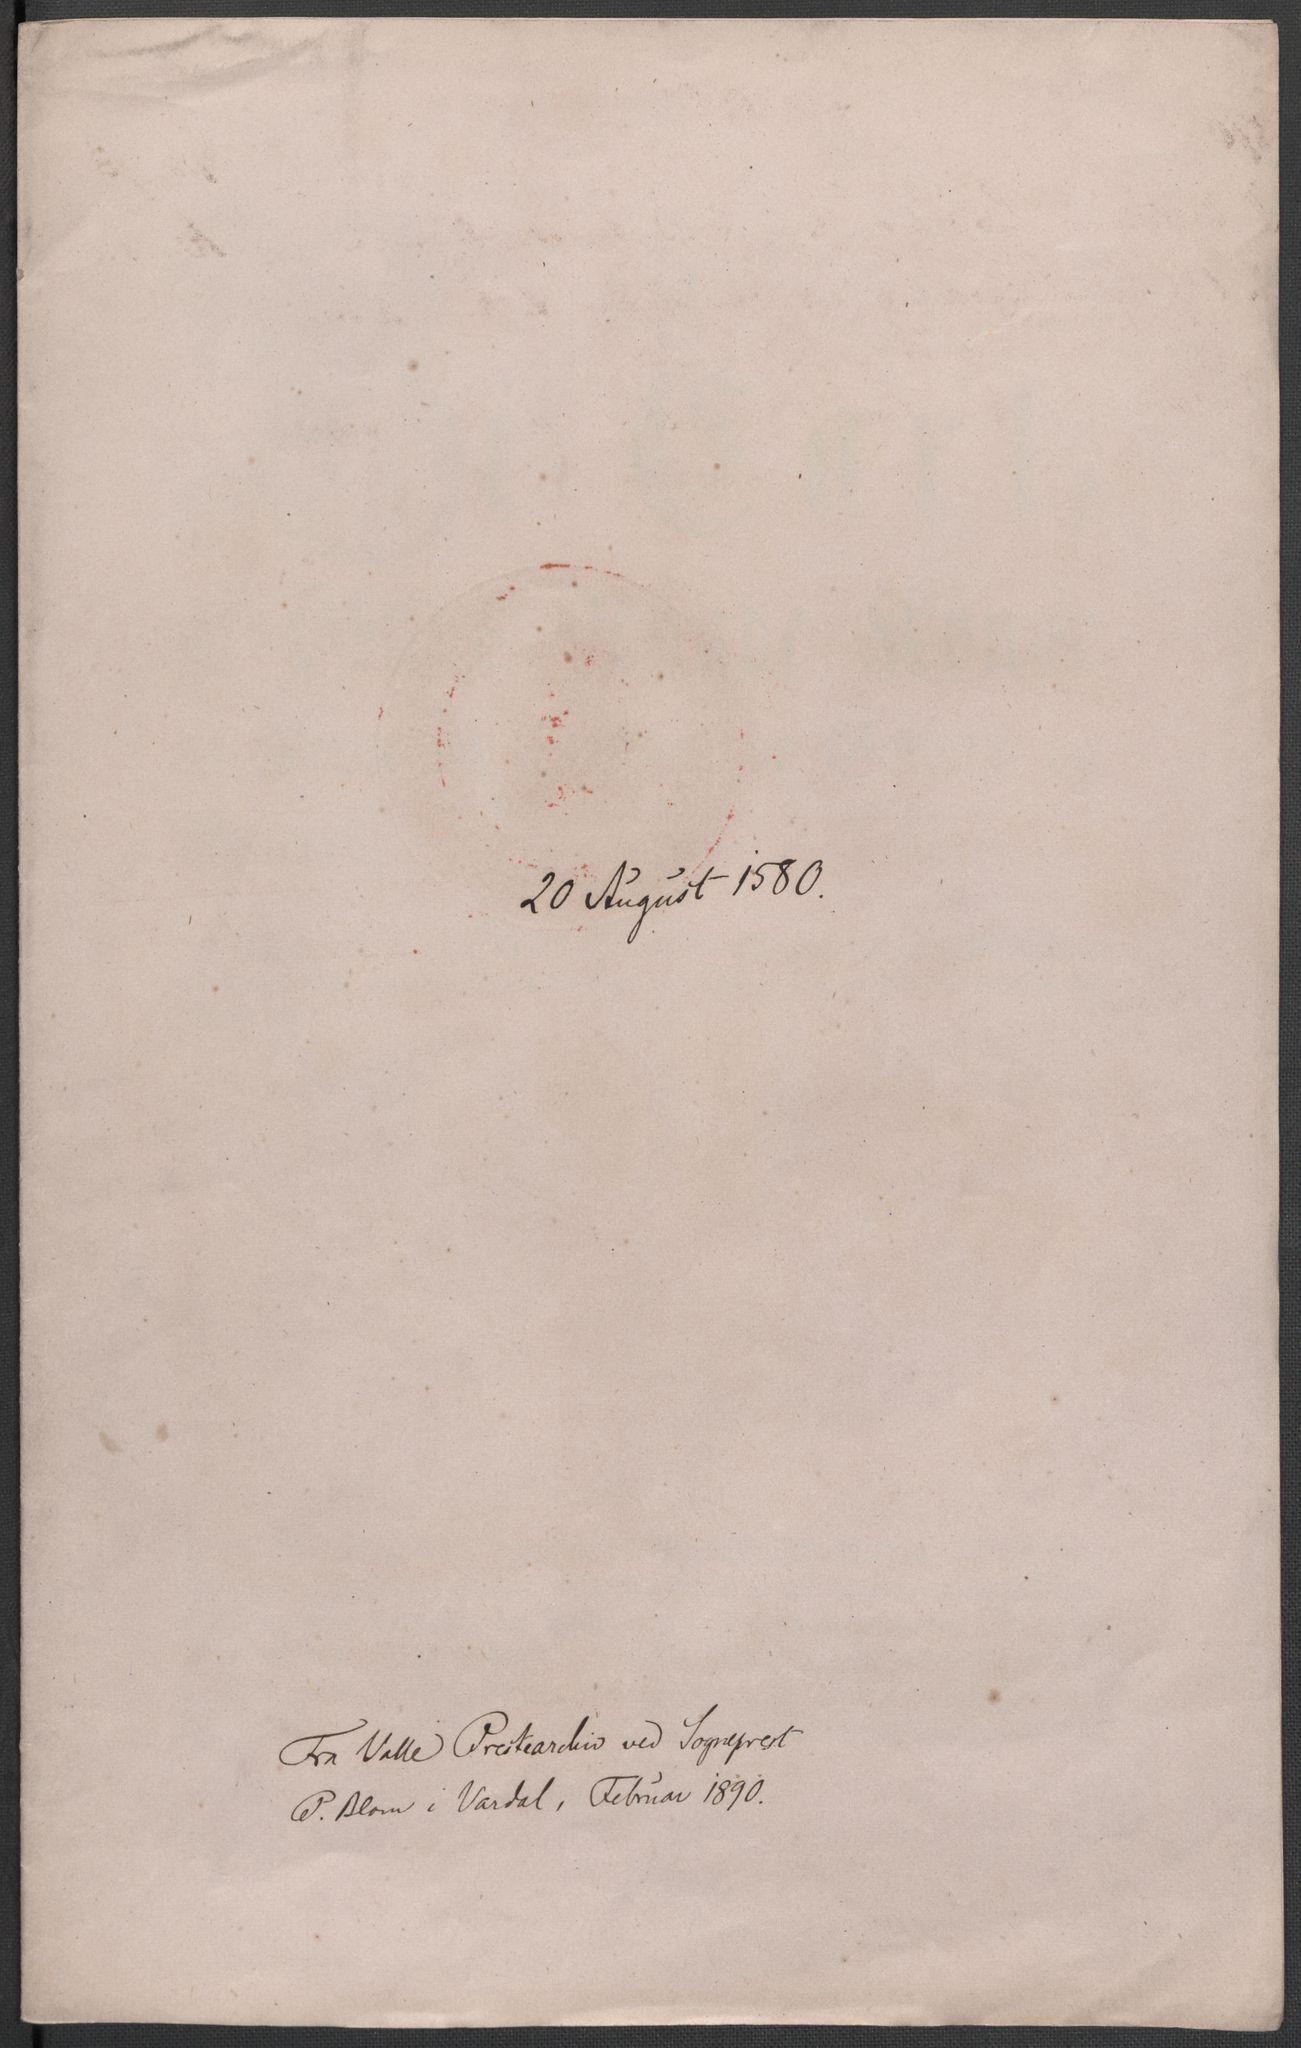 RA, Riksarkivets diplomsamling, F02/L0082: Dokumenter, 1580, s. 40